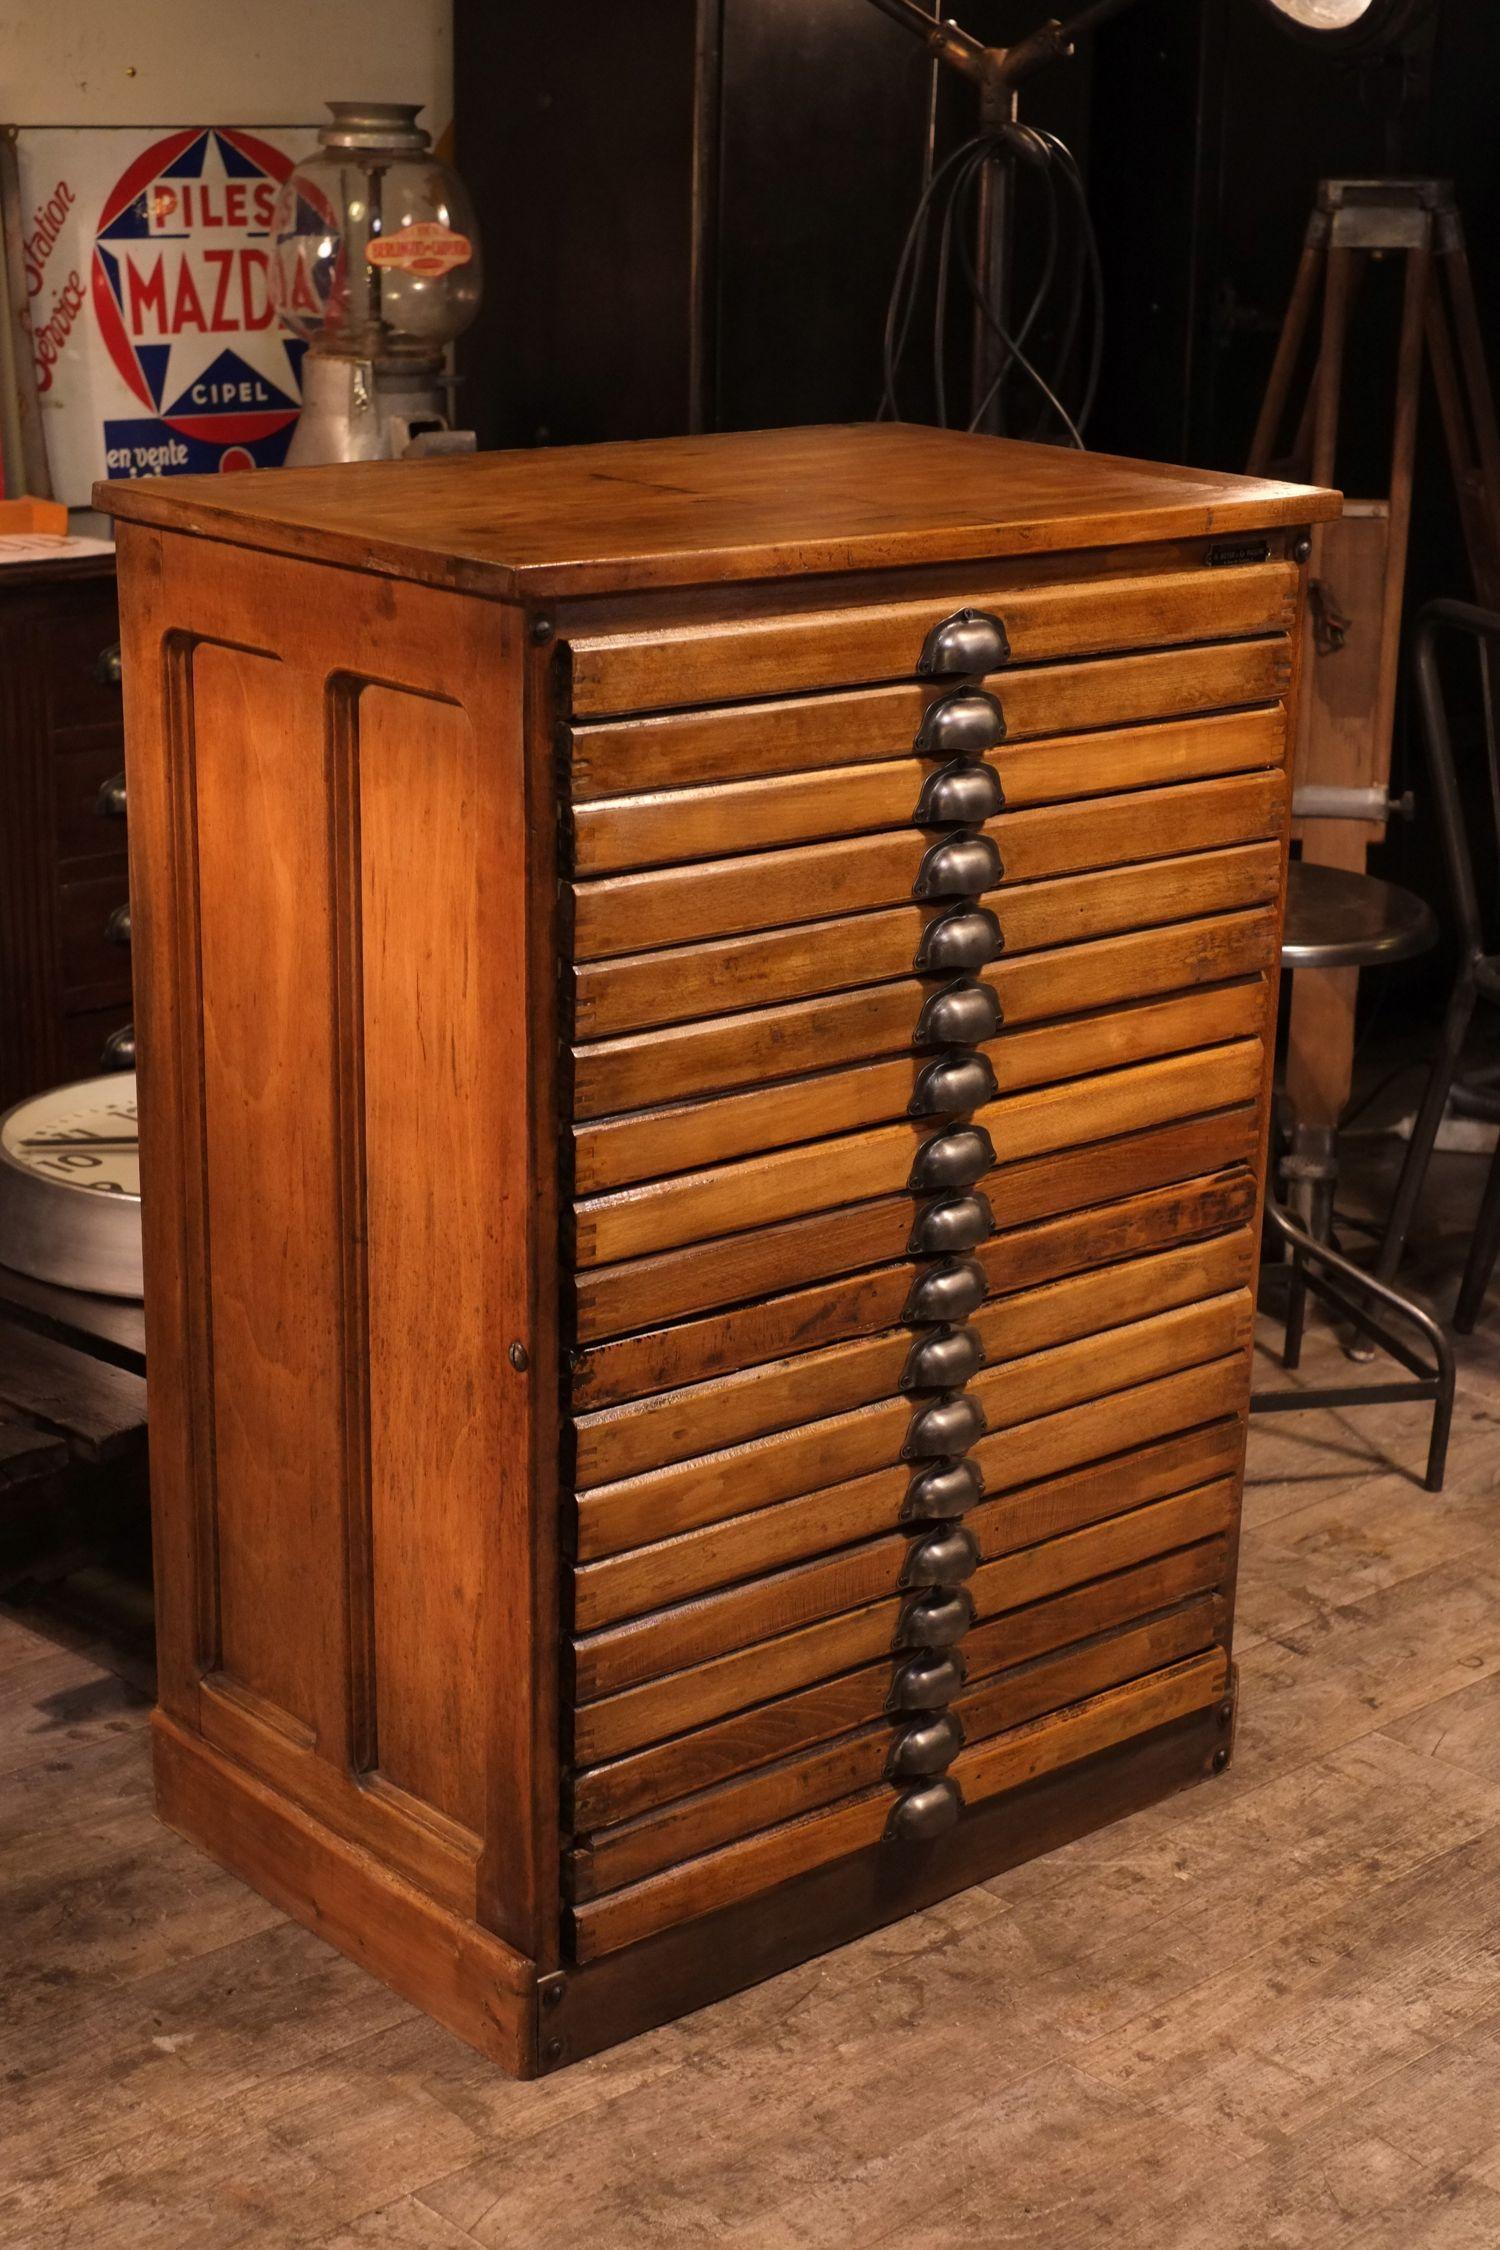 meuble de m tier d imprimerie ancien en bois massif organize pinterest drawers storage. Black Bedroom Furniture Sets. Home Design Ideas